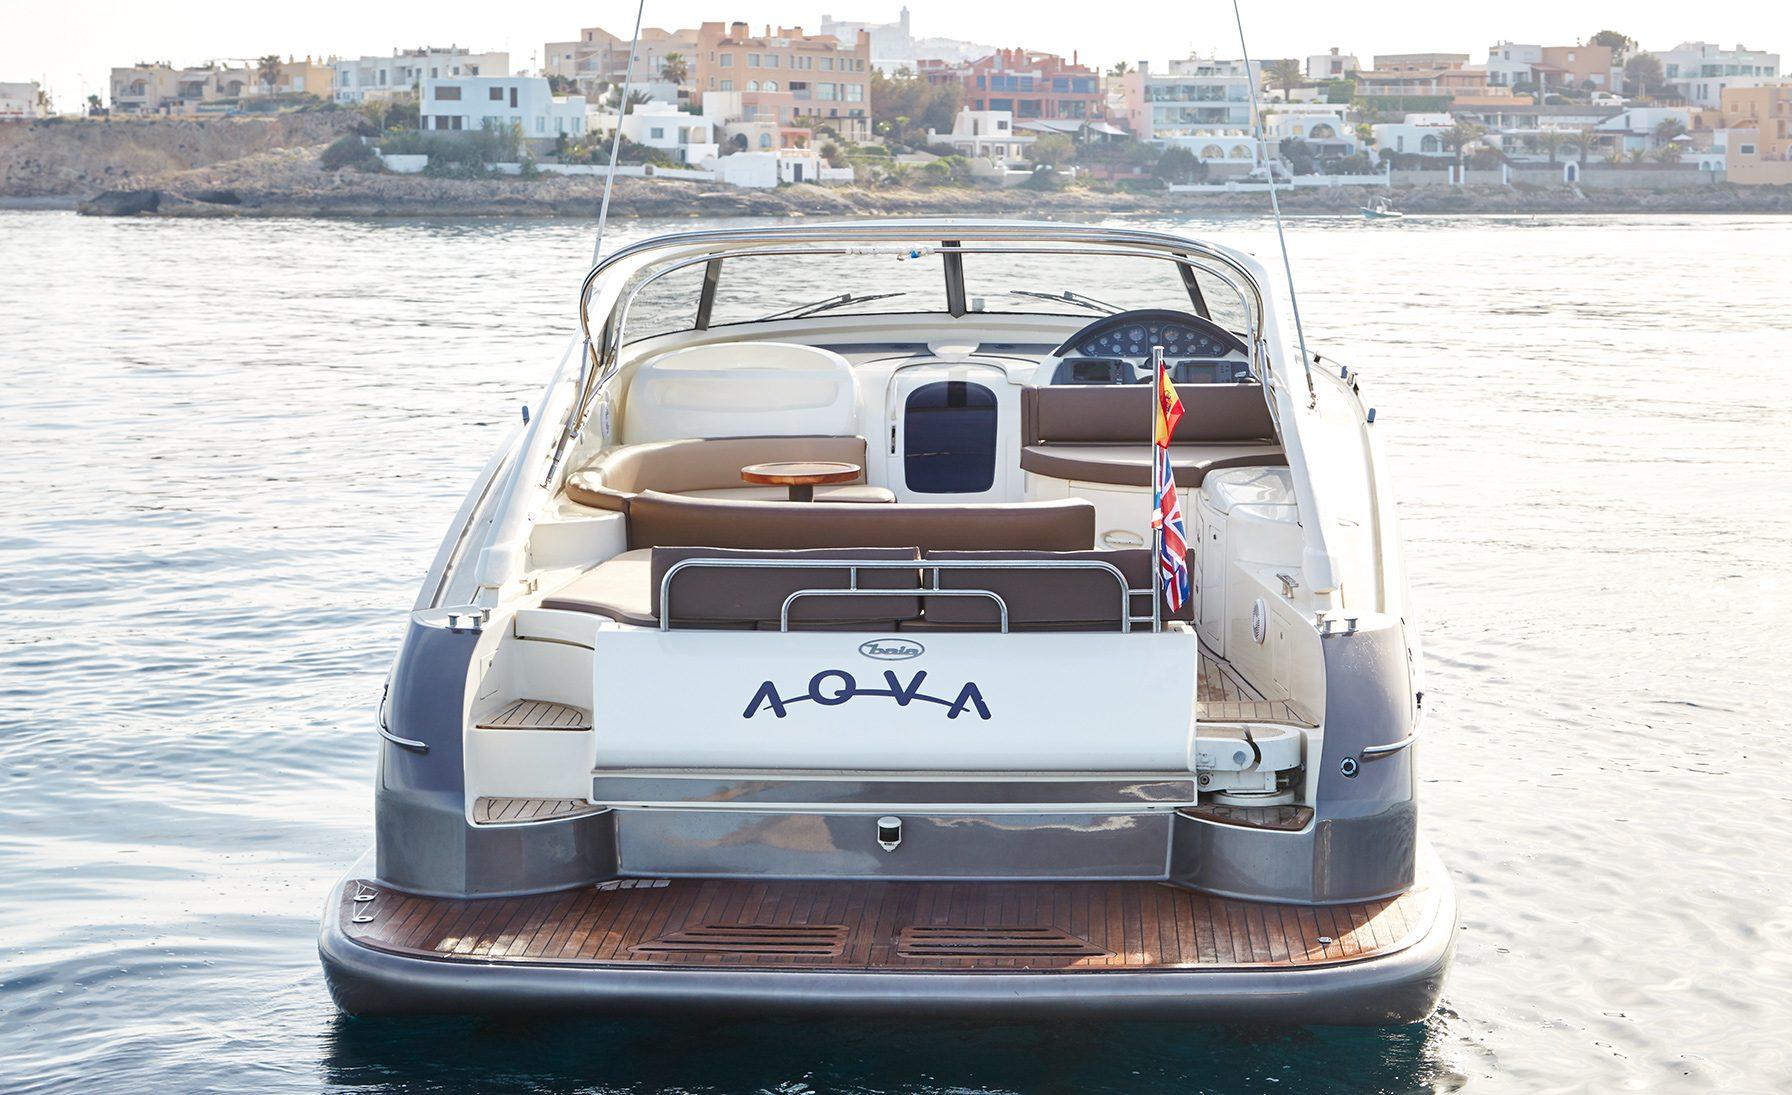 Baia Aqua 54 7